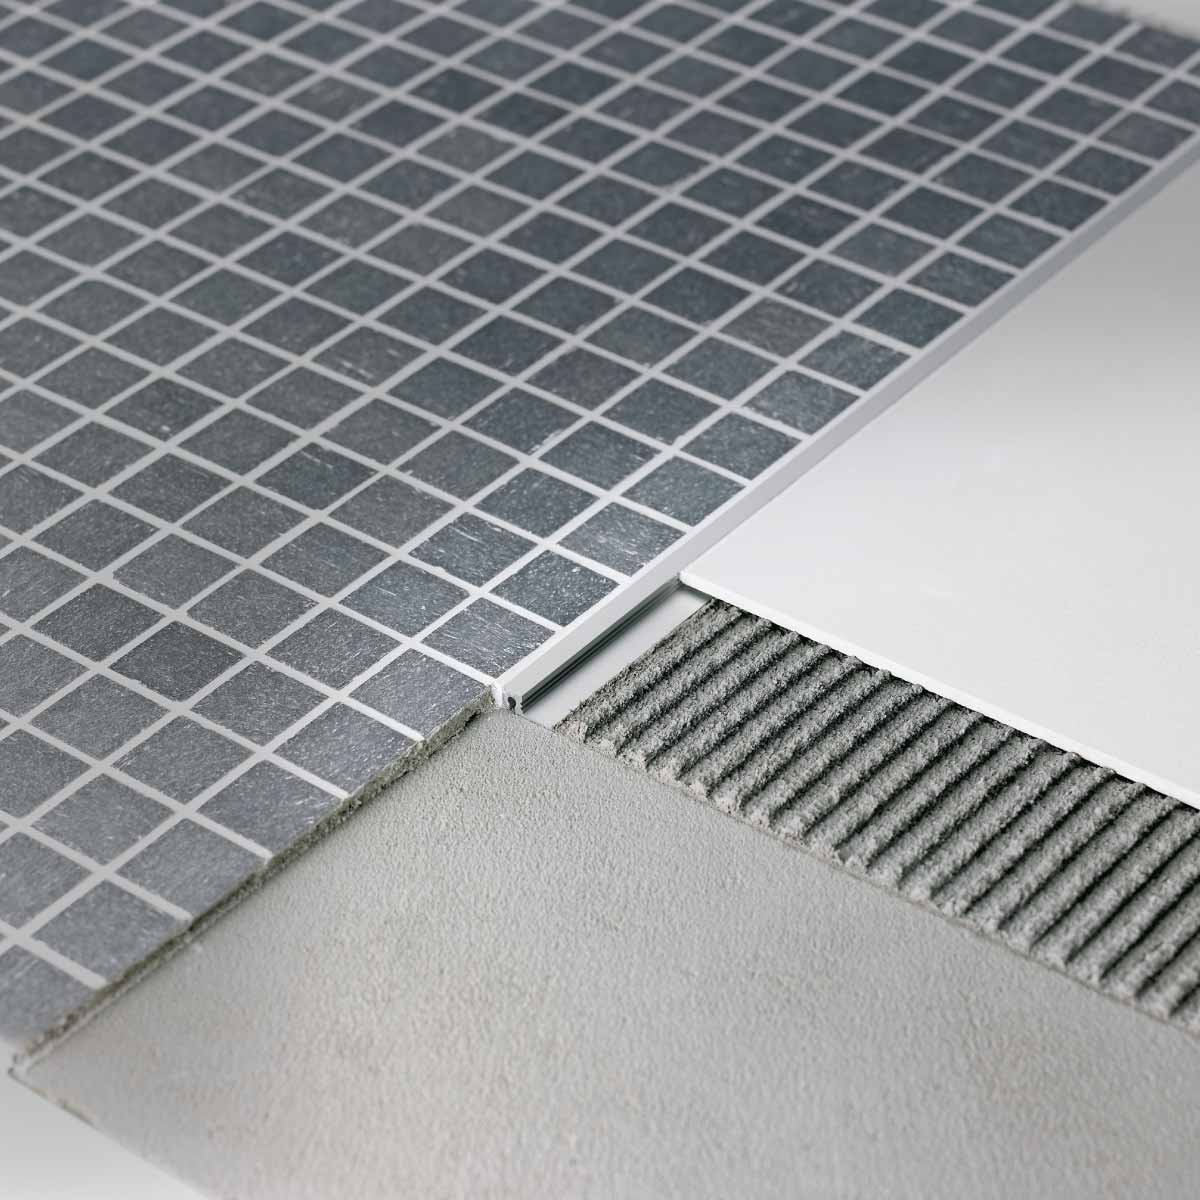 Profili per pavimenti Mosaictec SJM 44 AS Profilitec